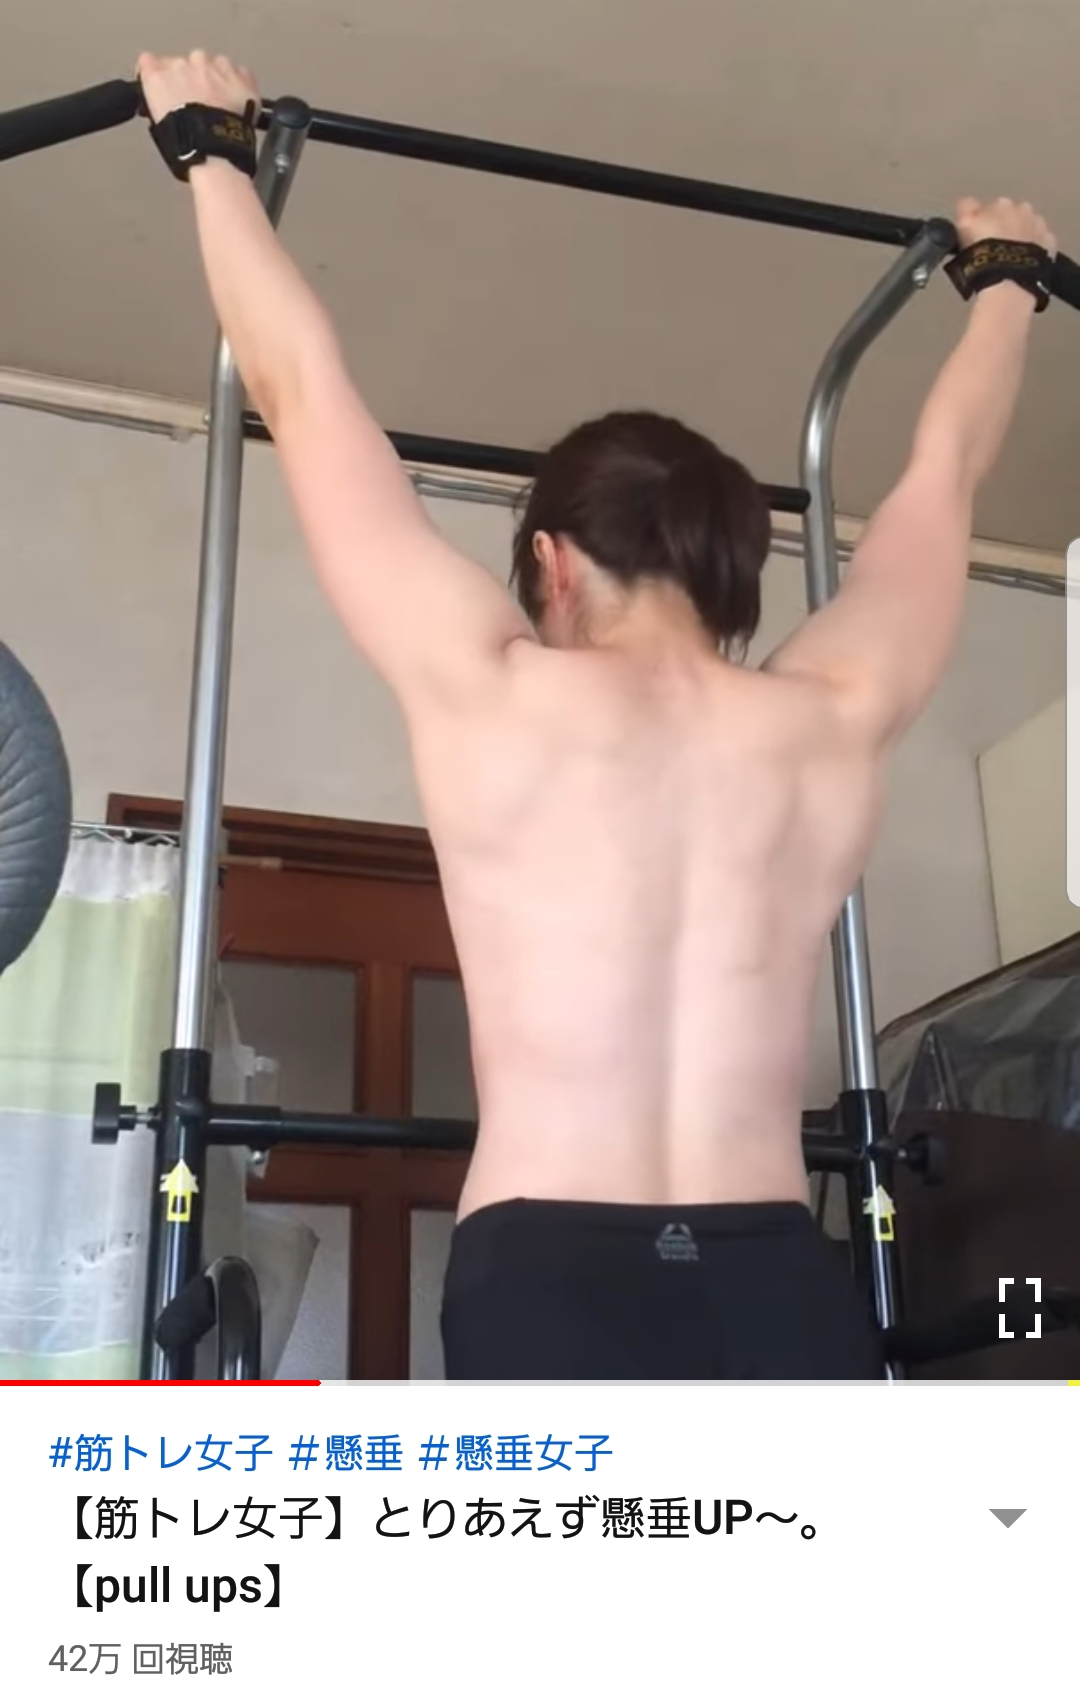 【動画像】女子が上半身ハダカで懸垂するだけの動画、めっちゃ再生される